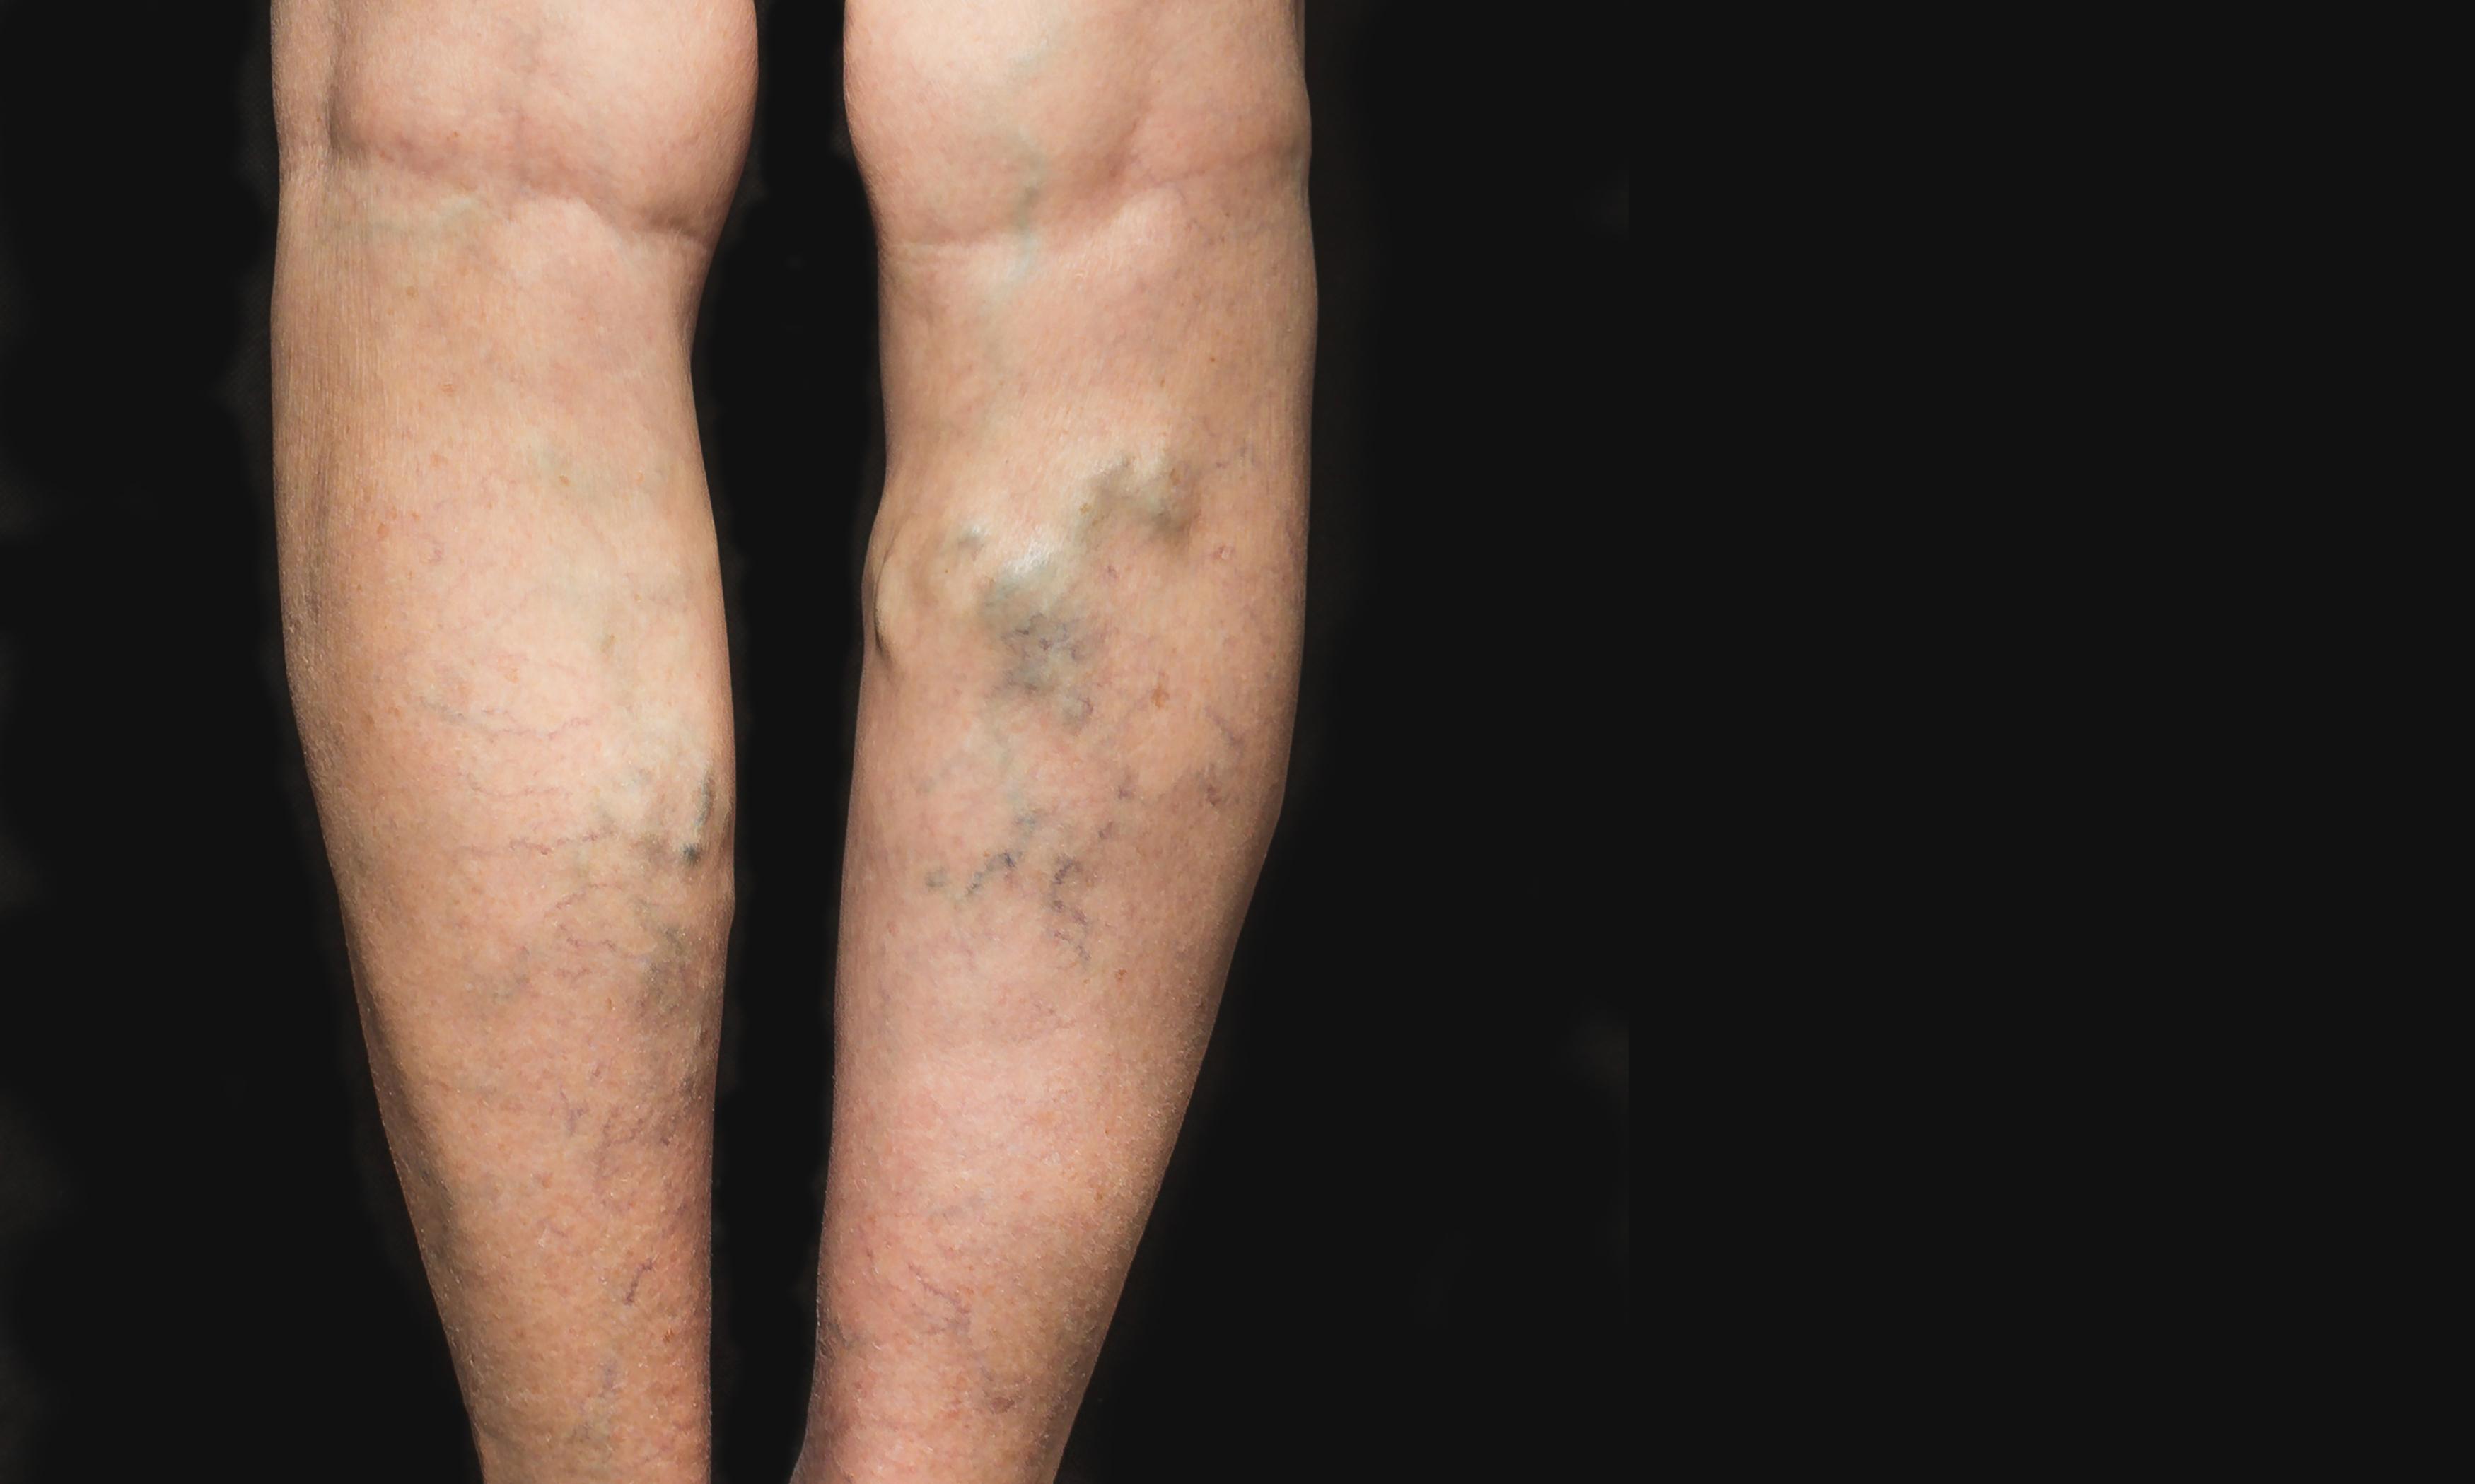 visszér lycar visszér, mennyire kell tartani a lábát